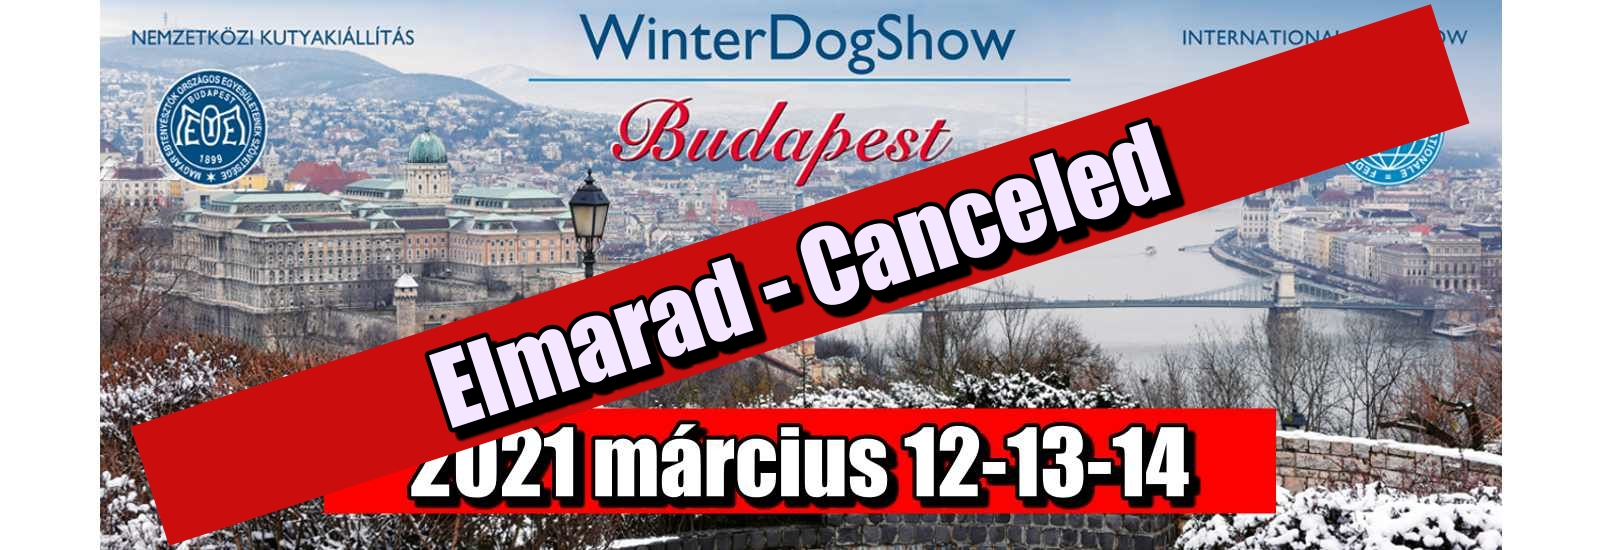 Elmarad a Winterdogshow kiállítás